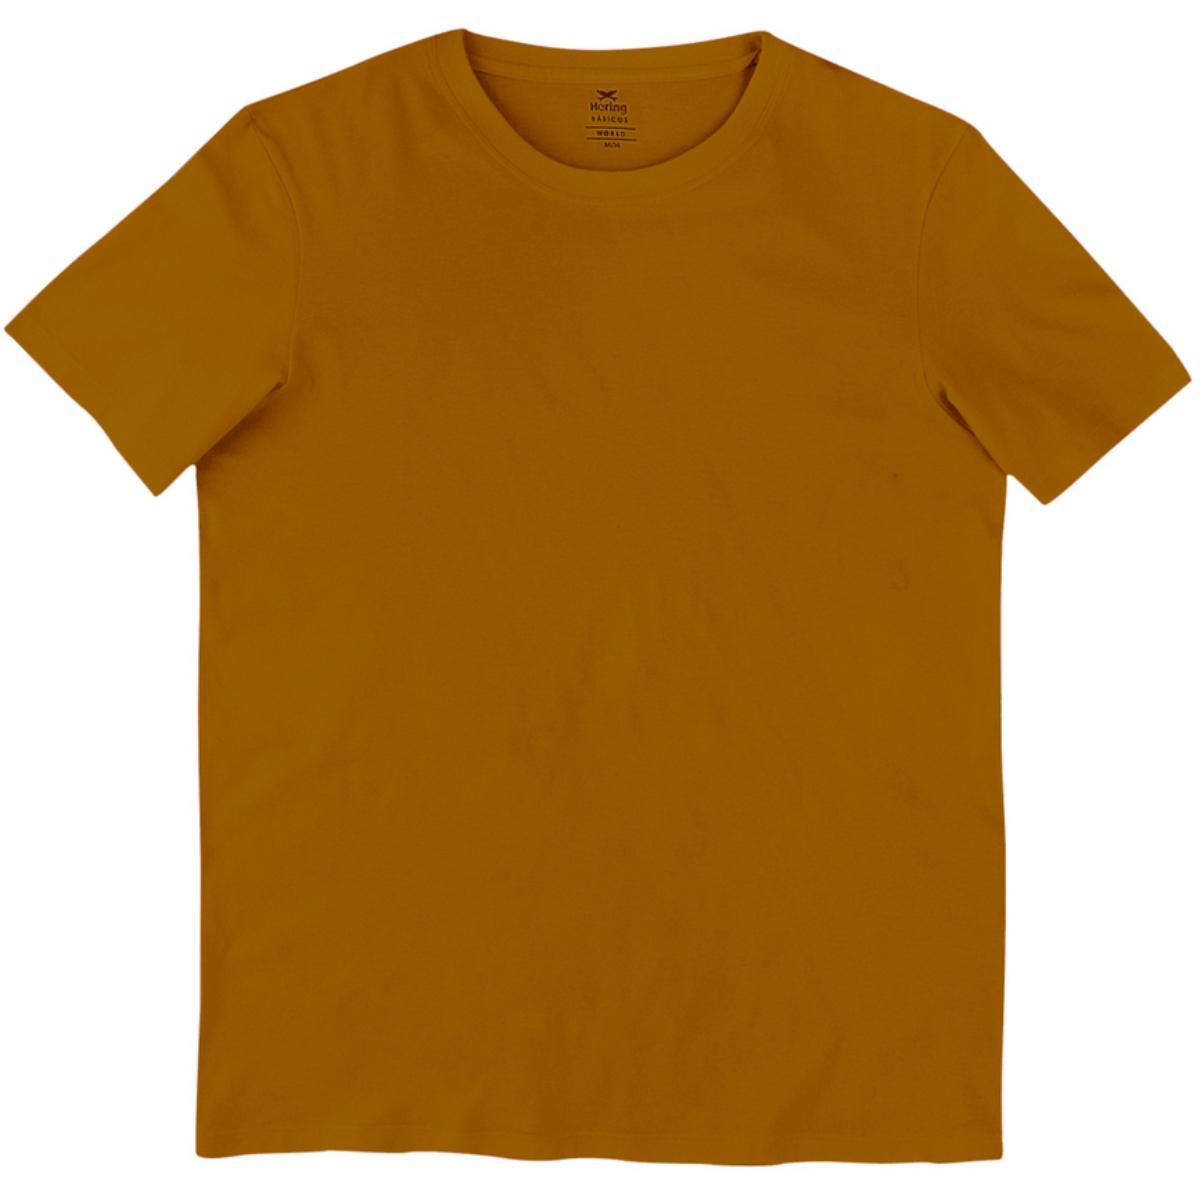 Camiseta Masculina Hering 0201 Yufen Camel